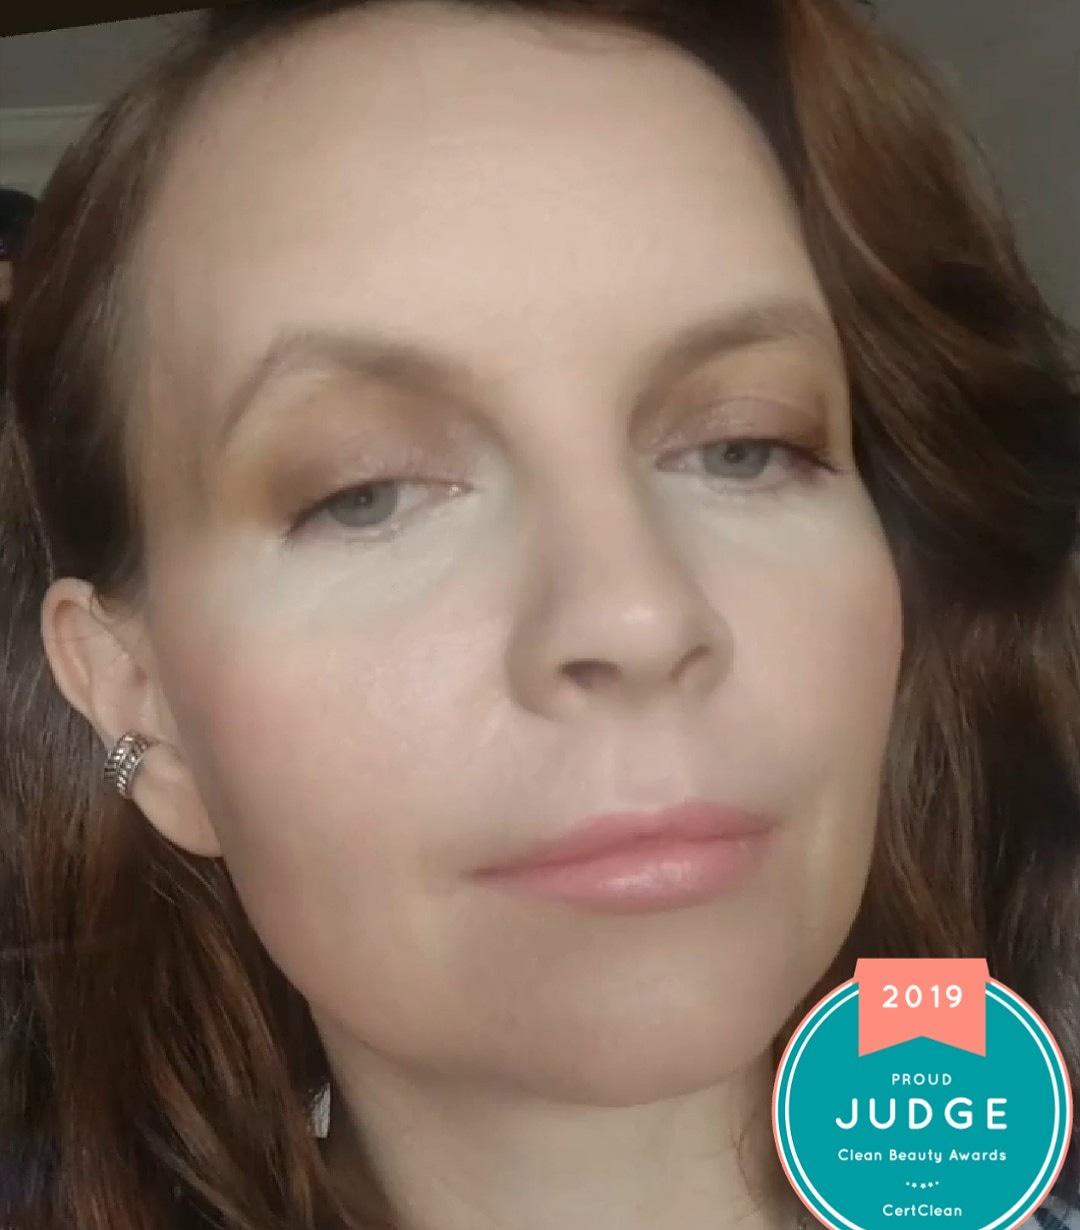 Cert Clean Judge, natural make up look